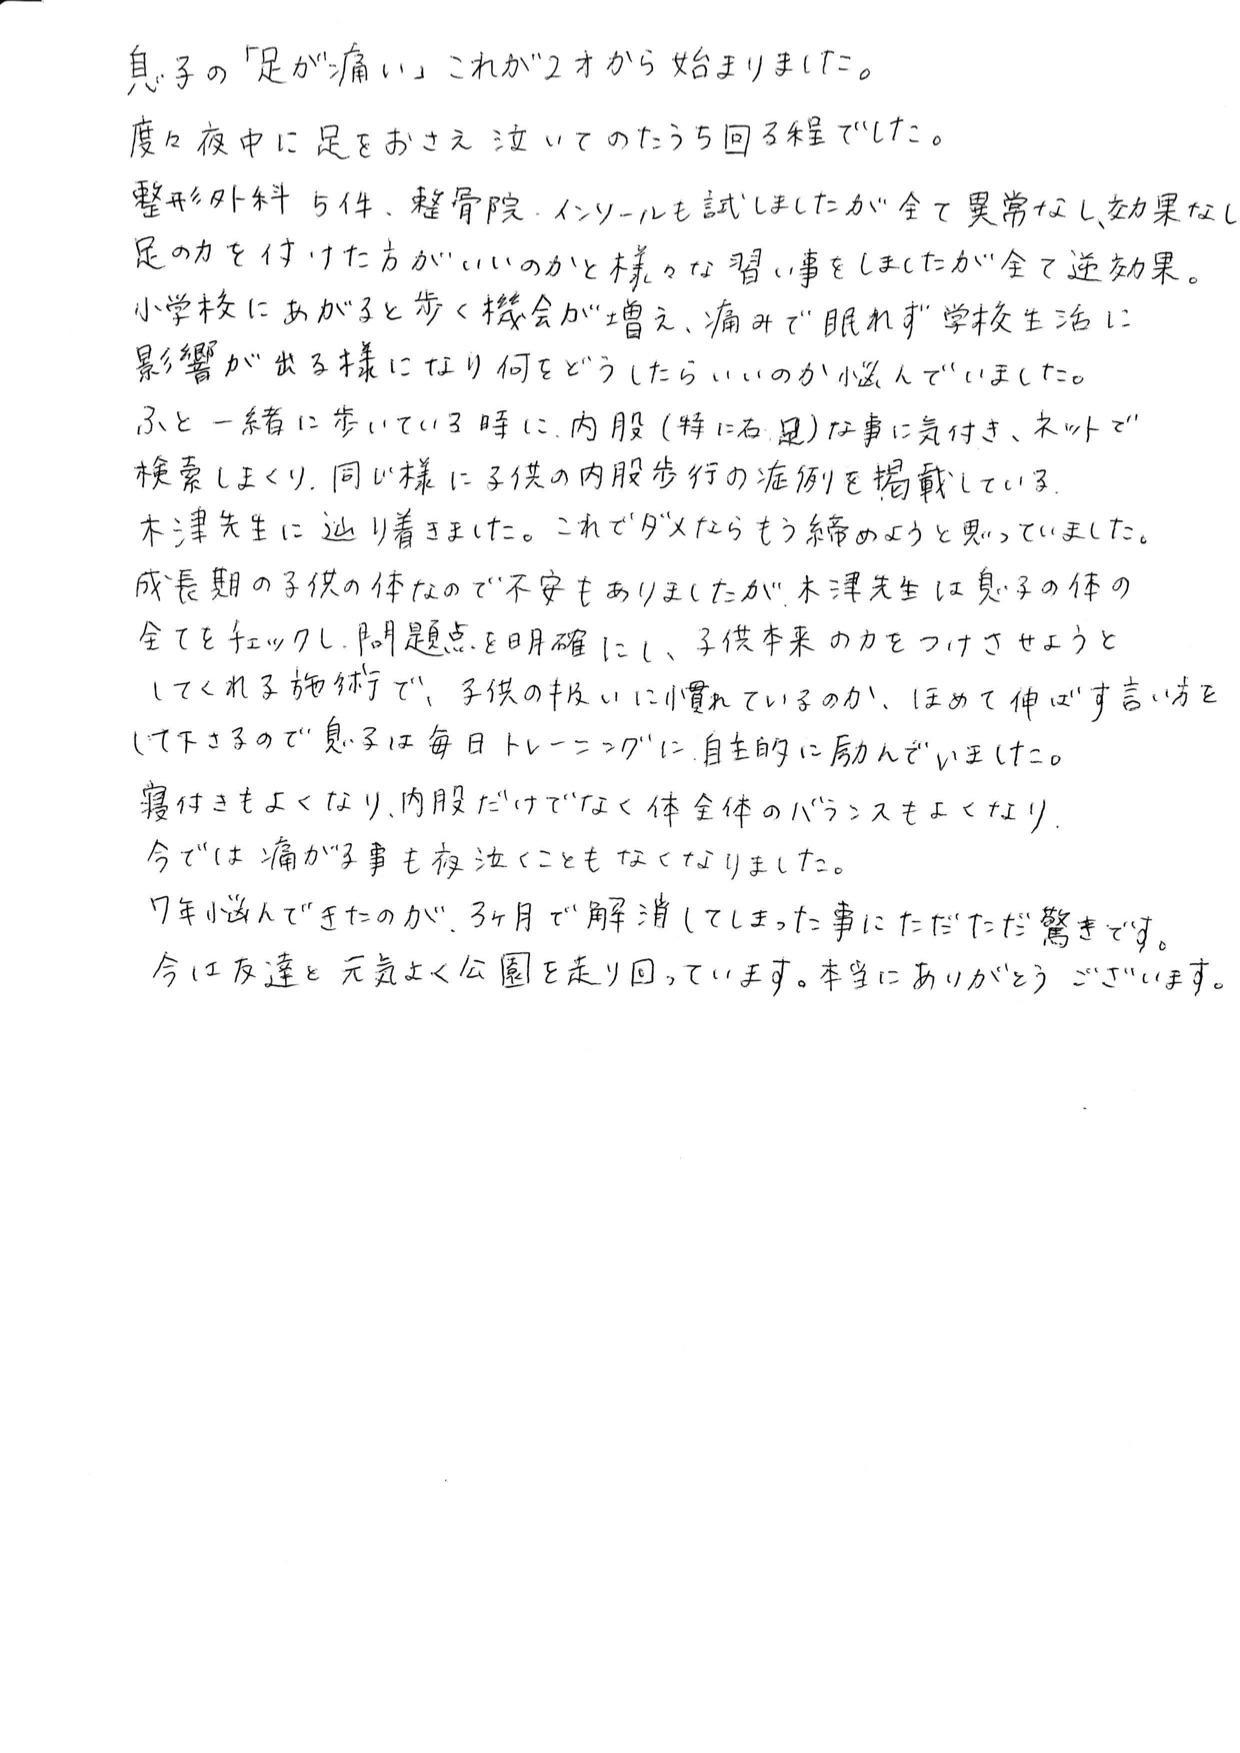 kazuki2017830-kannsou